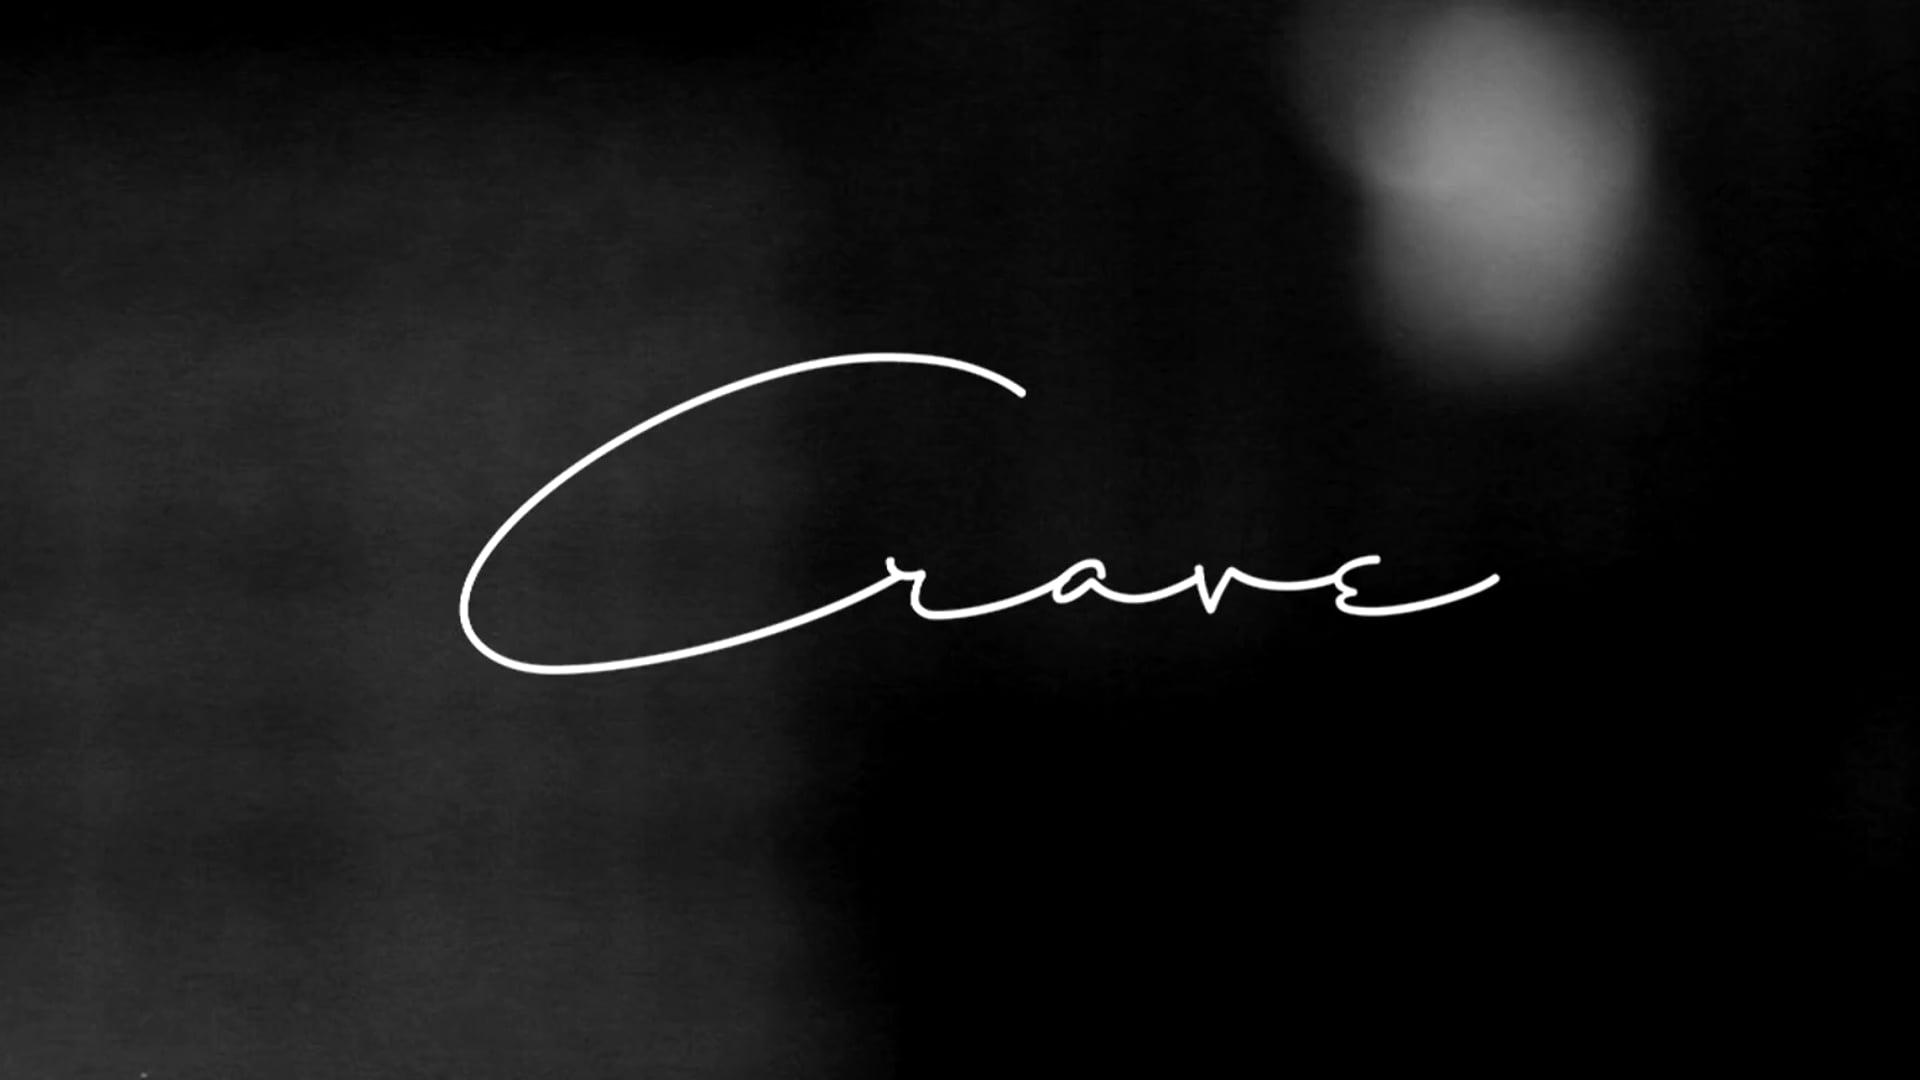 LuxJive - Crave [Unreleased]